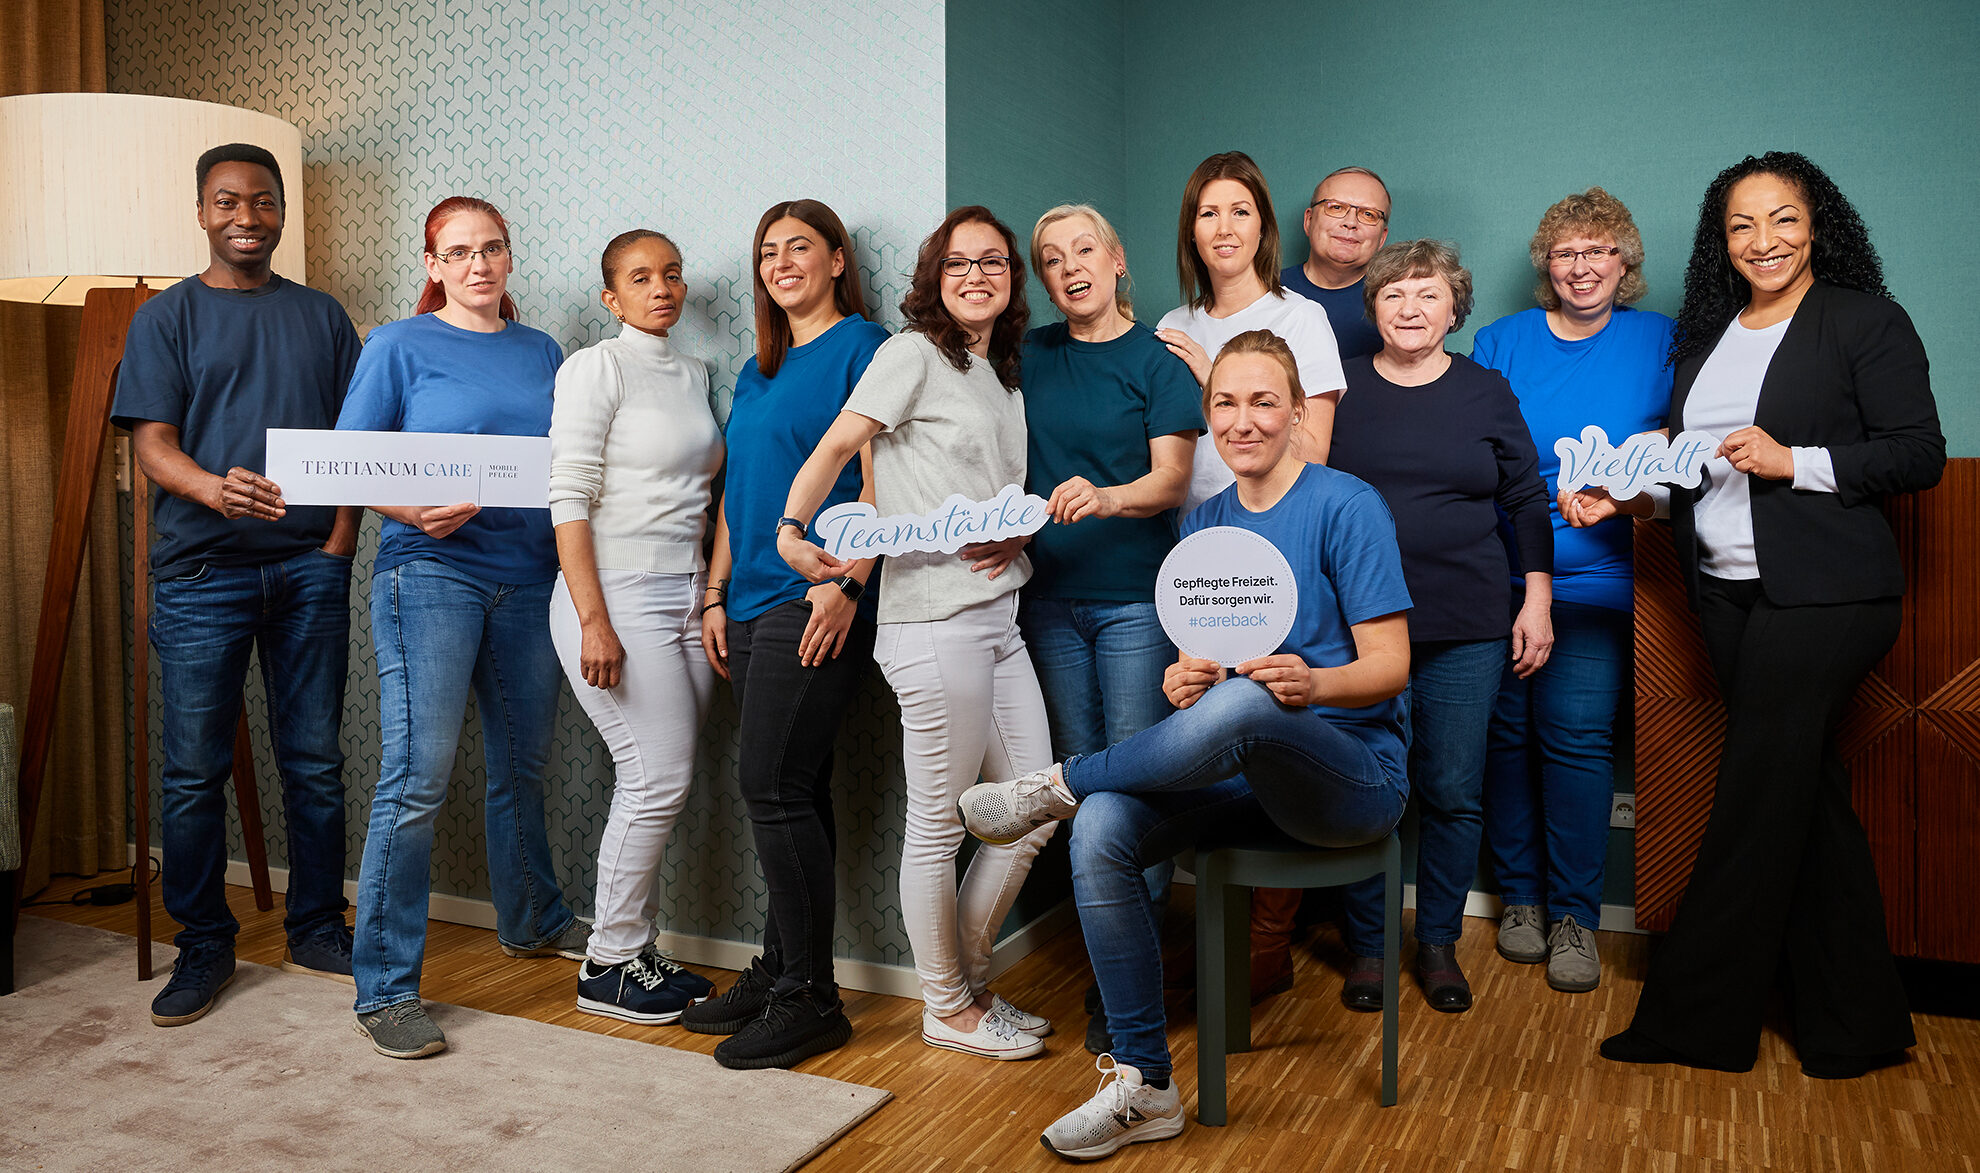 Gruppenbild des Teams von Tertianum Care, dem mobilen Pflegedienst von Tertianum